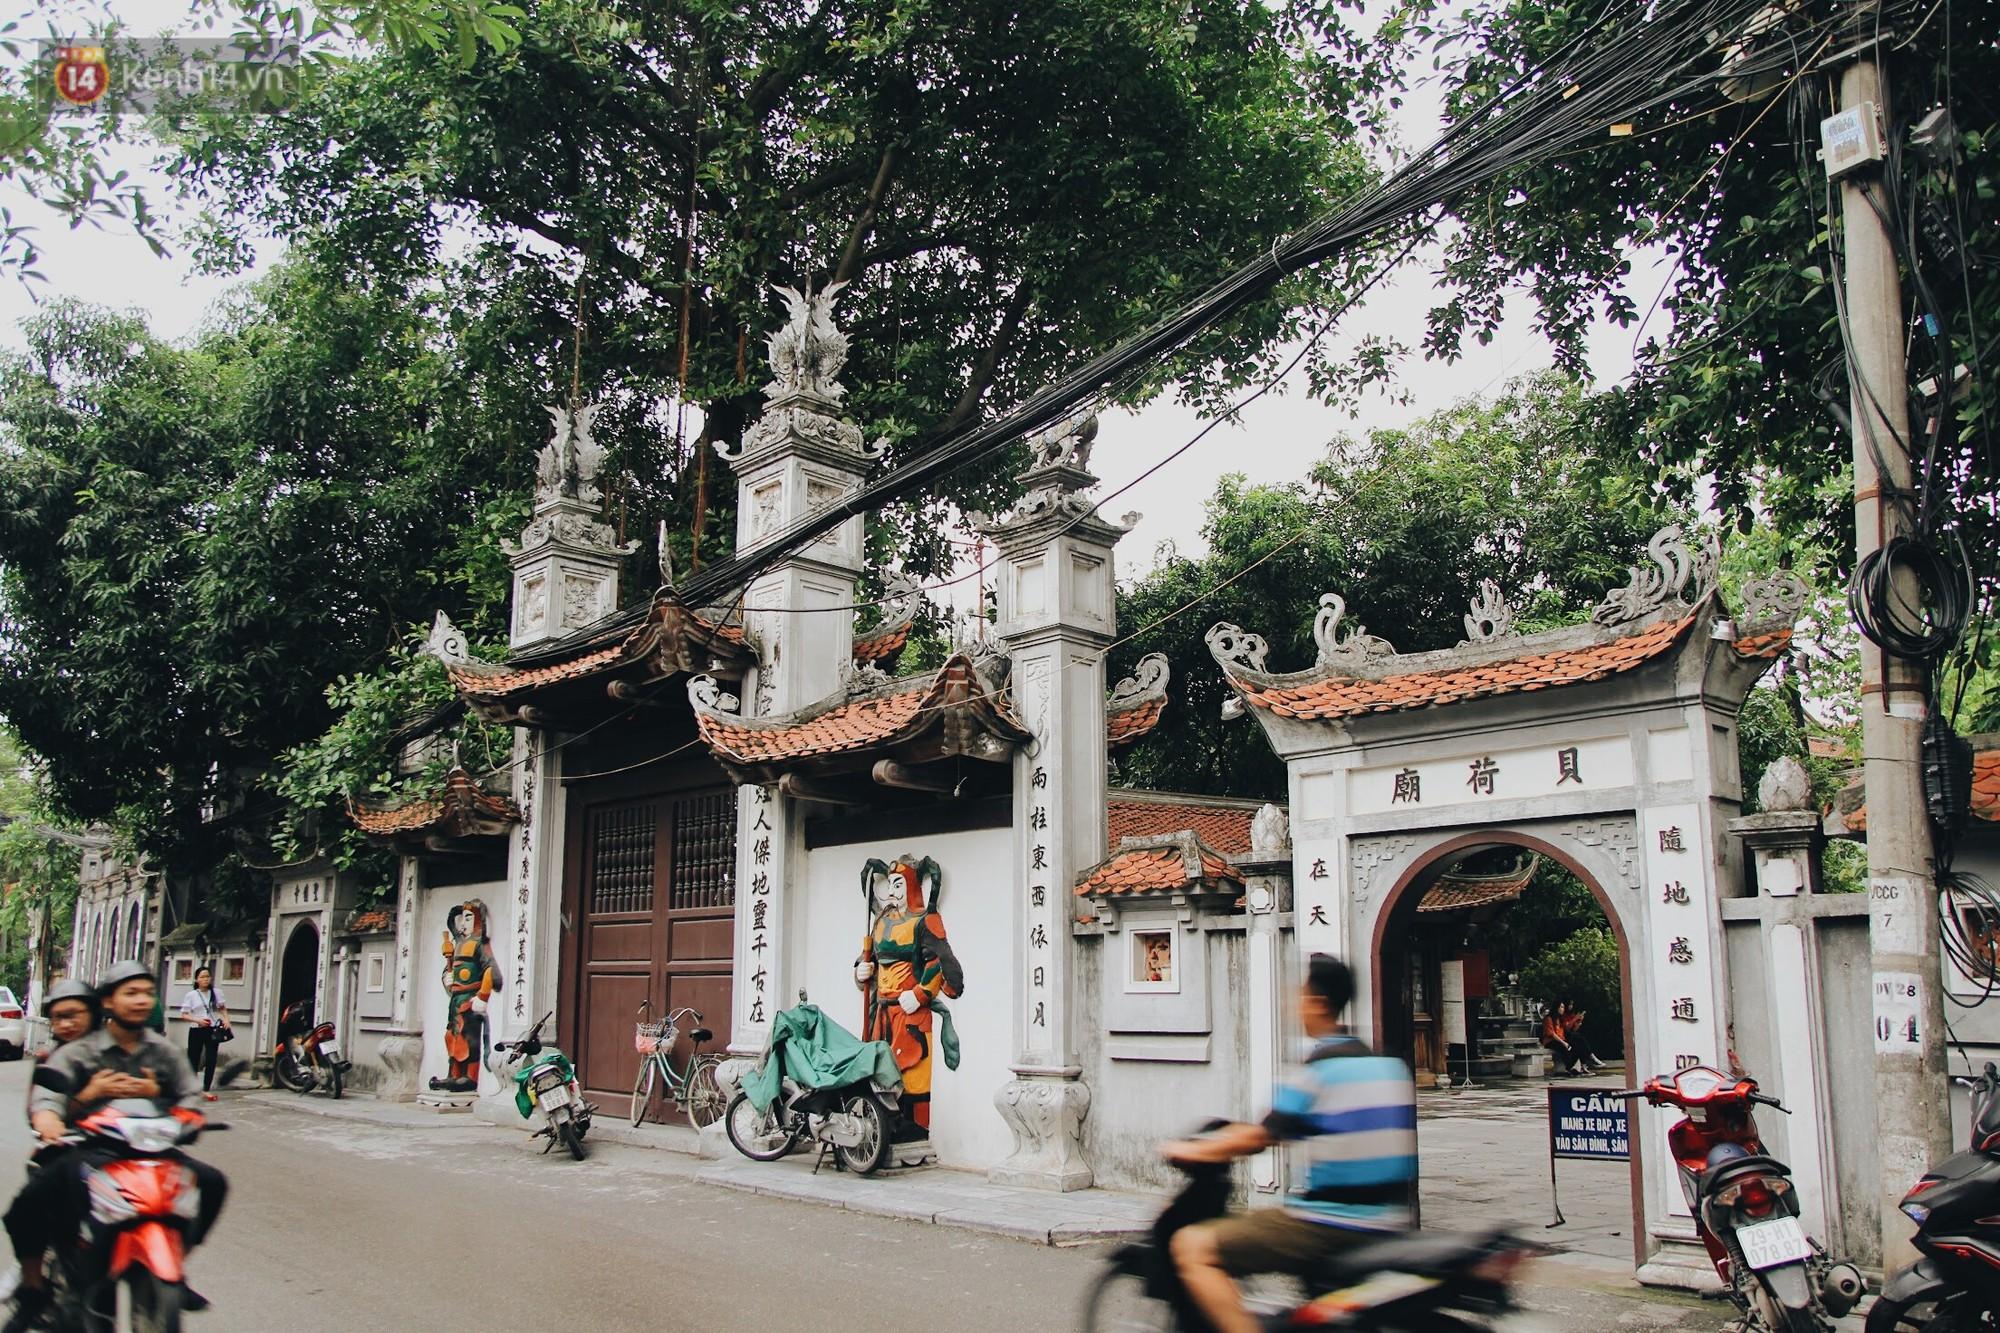 Chùa Hà - ngôi chùa được mệnh danh cầu duyên thiêng nhất miền Bắc.